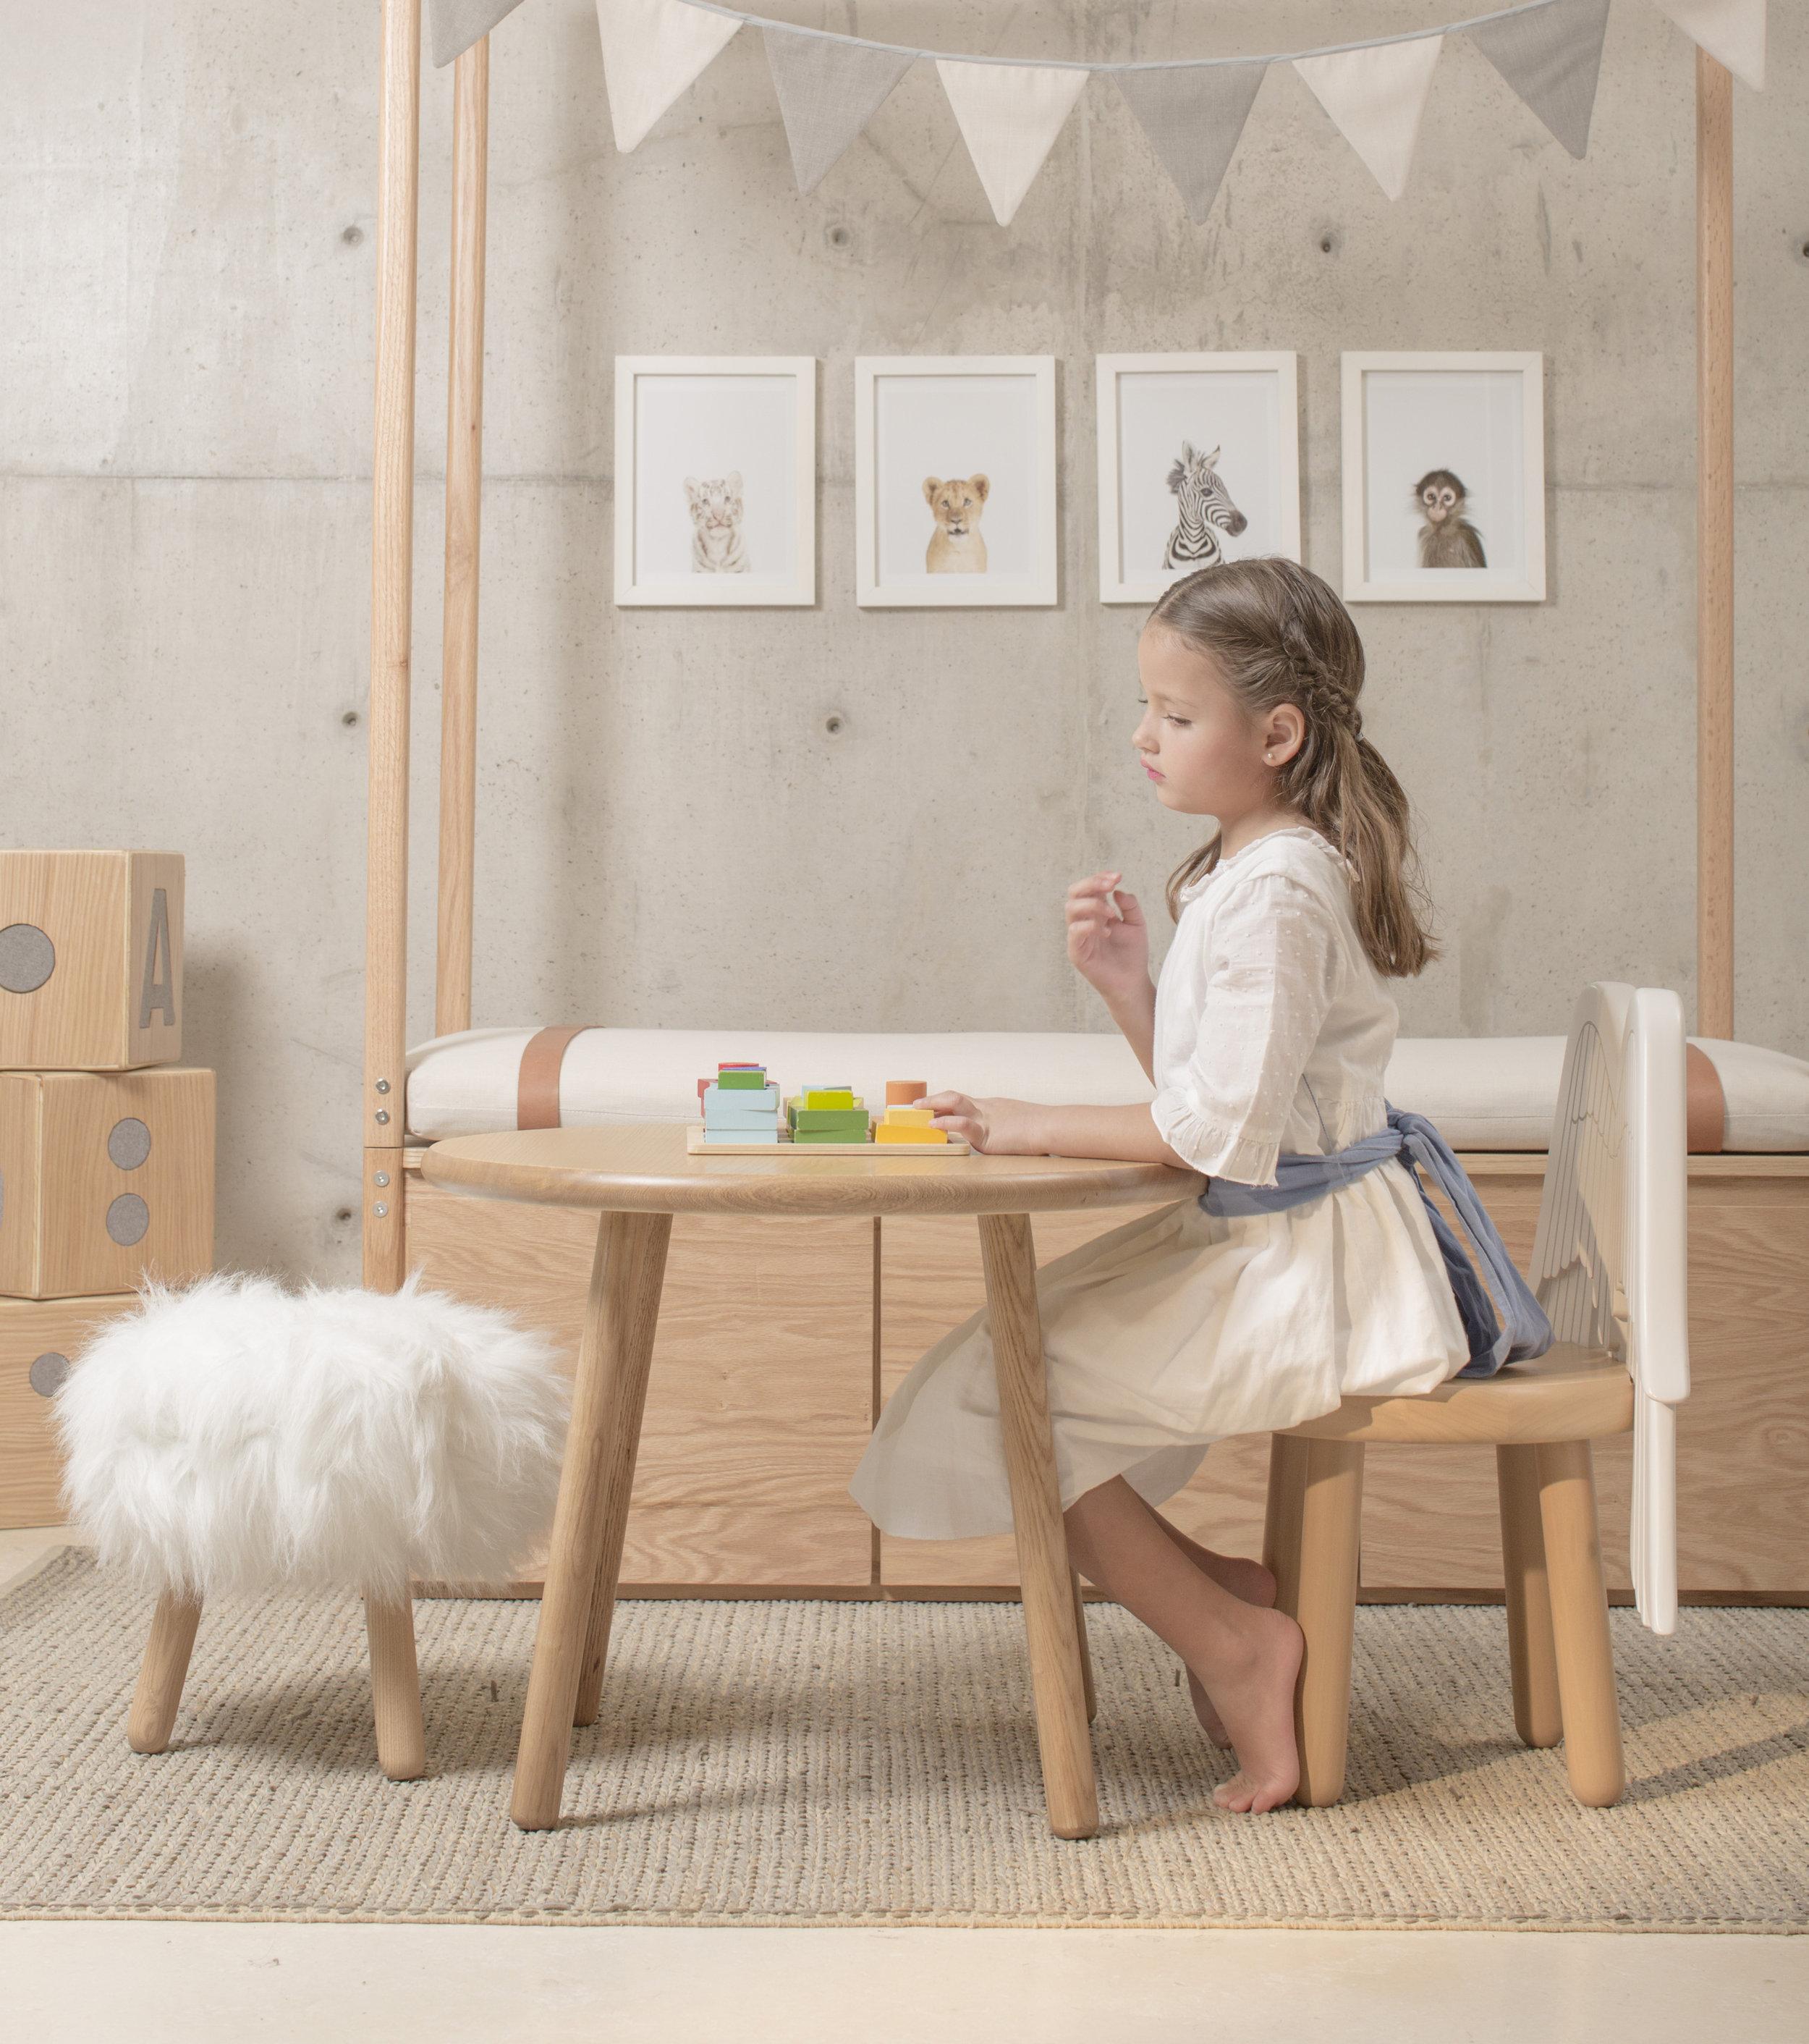 Muebles únicos y adaptables - Nuestra colección de muebles infantiles está compuesta por cunas, camas infantiles, moisés, cambiadores y más piezas que se convierten en iconos esenciales en el cuarto de nuestros niños. Cada artículo está hecho de maderas certificadas, conservando líneas y texturas orgánicas que ayudan a nuestros hijos a descubrir el mundo.